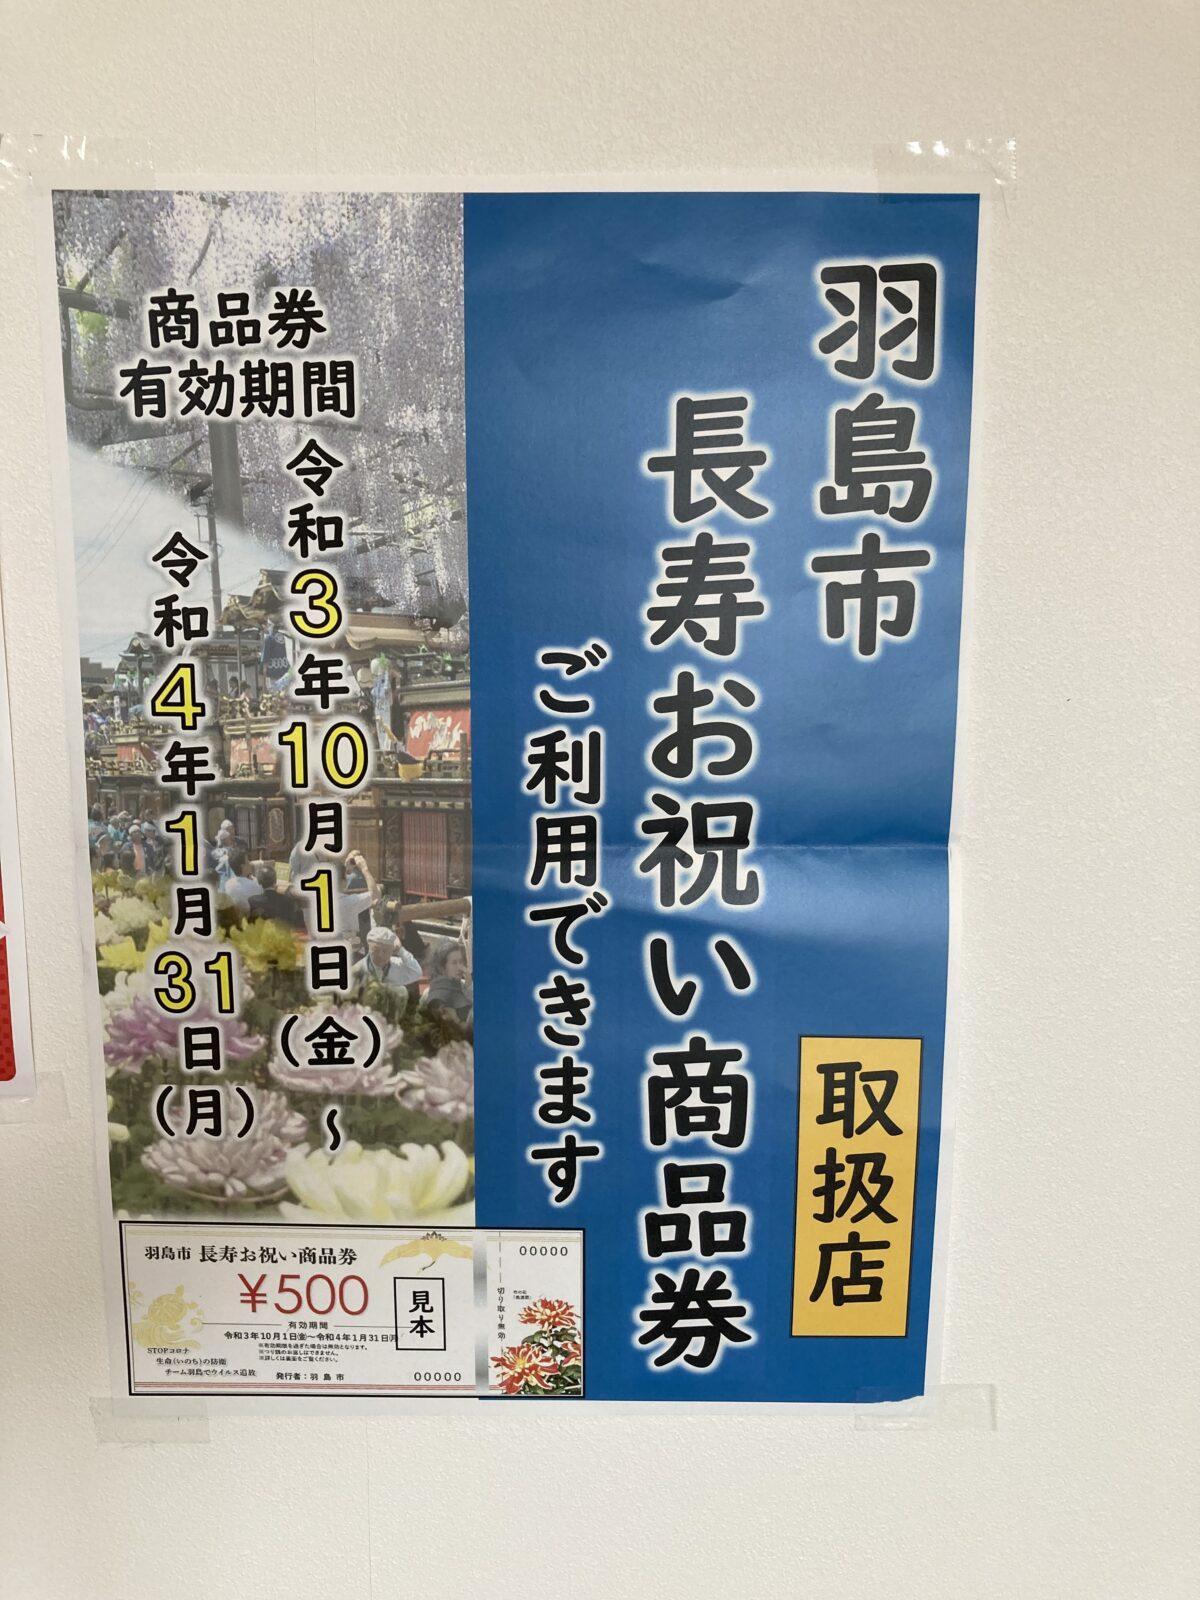 長寿お祝い商品券 使えます 岐阜羽島美容院